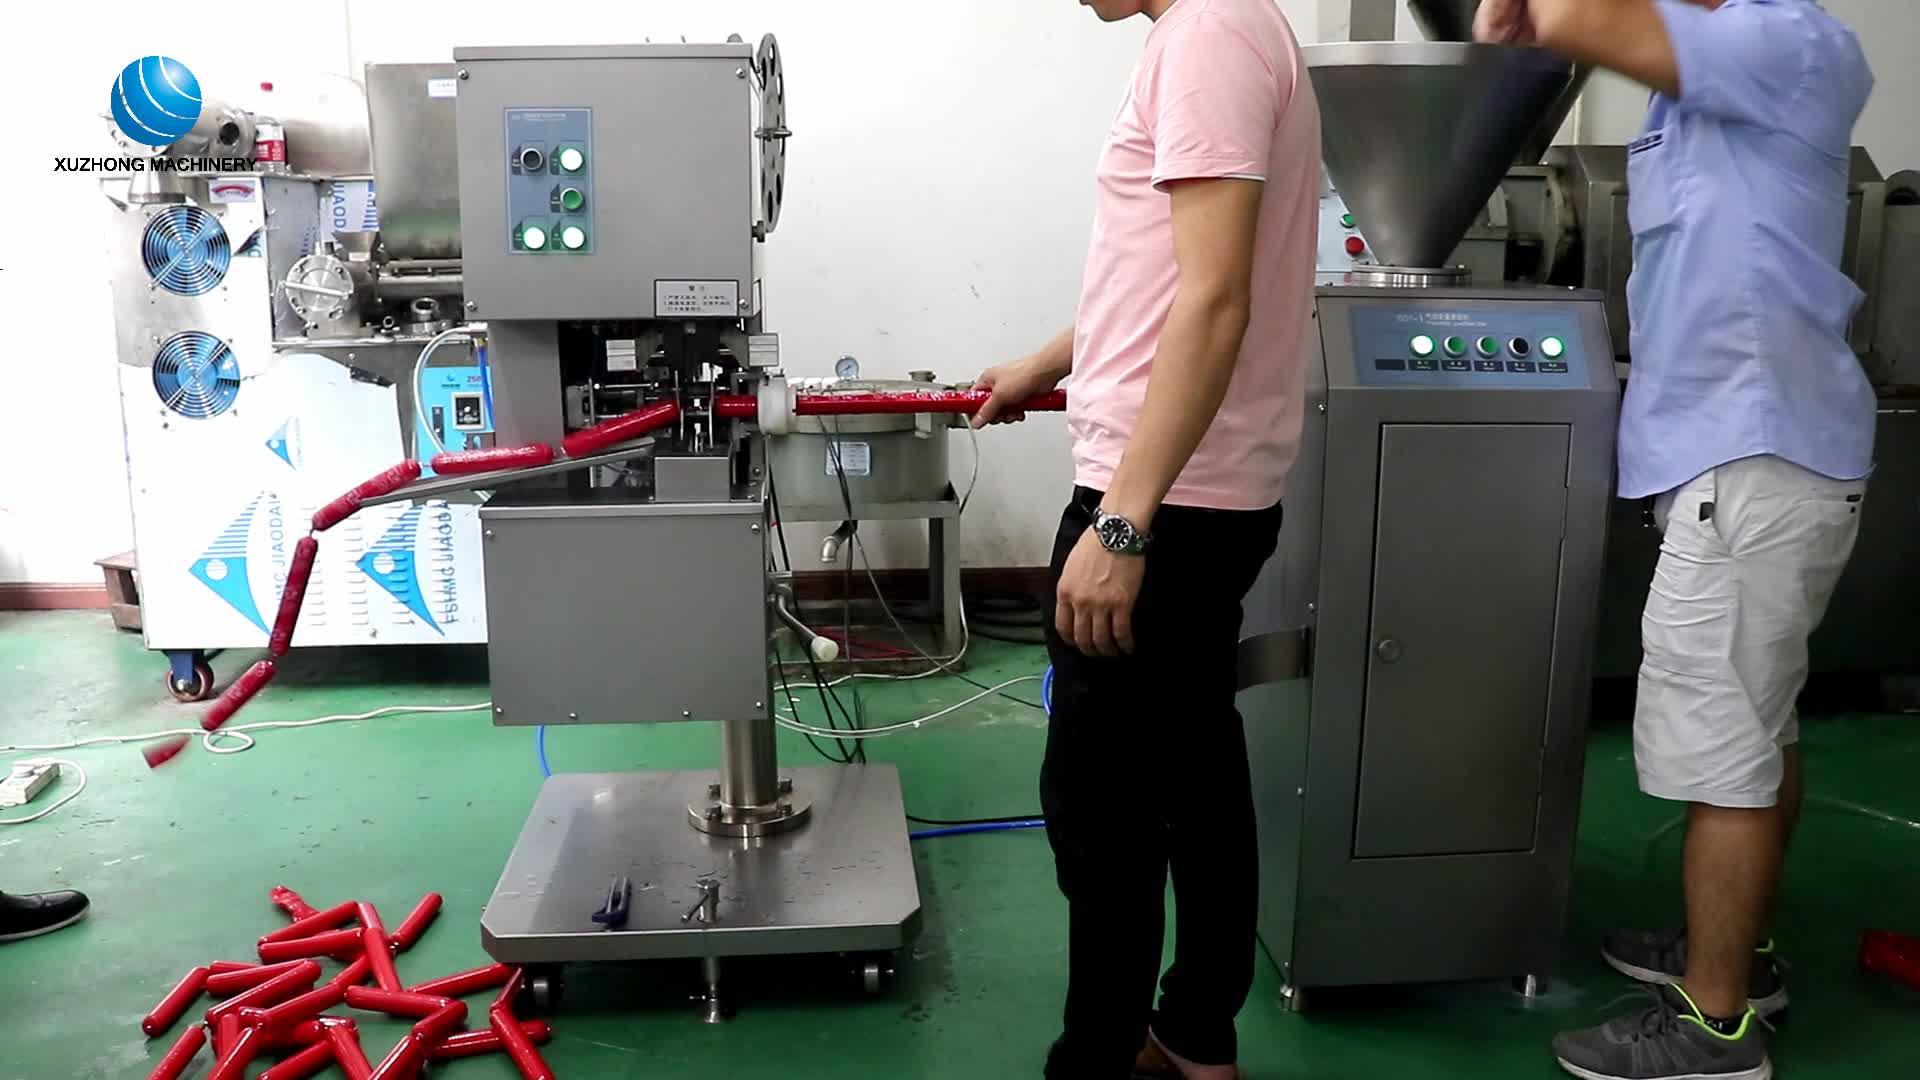 वाणिज्यिक सॉसेज भरने की मशीन एक कदम सॉसेज भरने के लिए लाइन